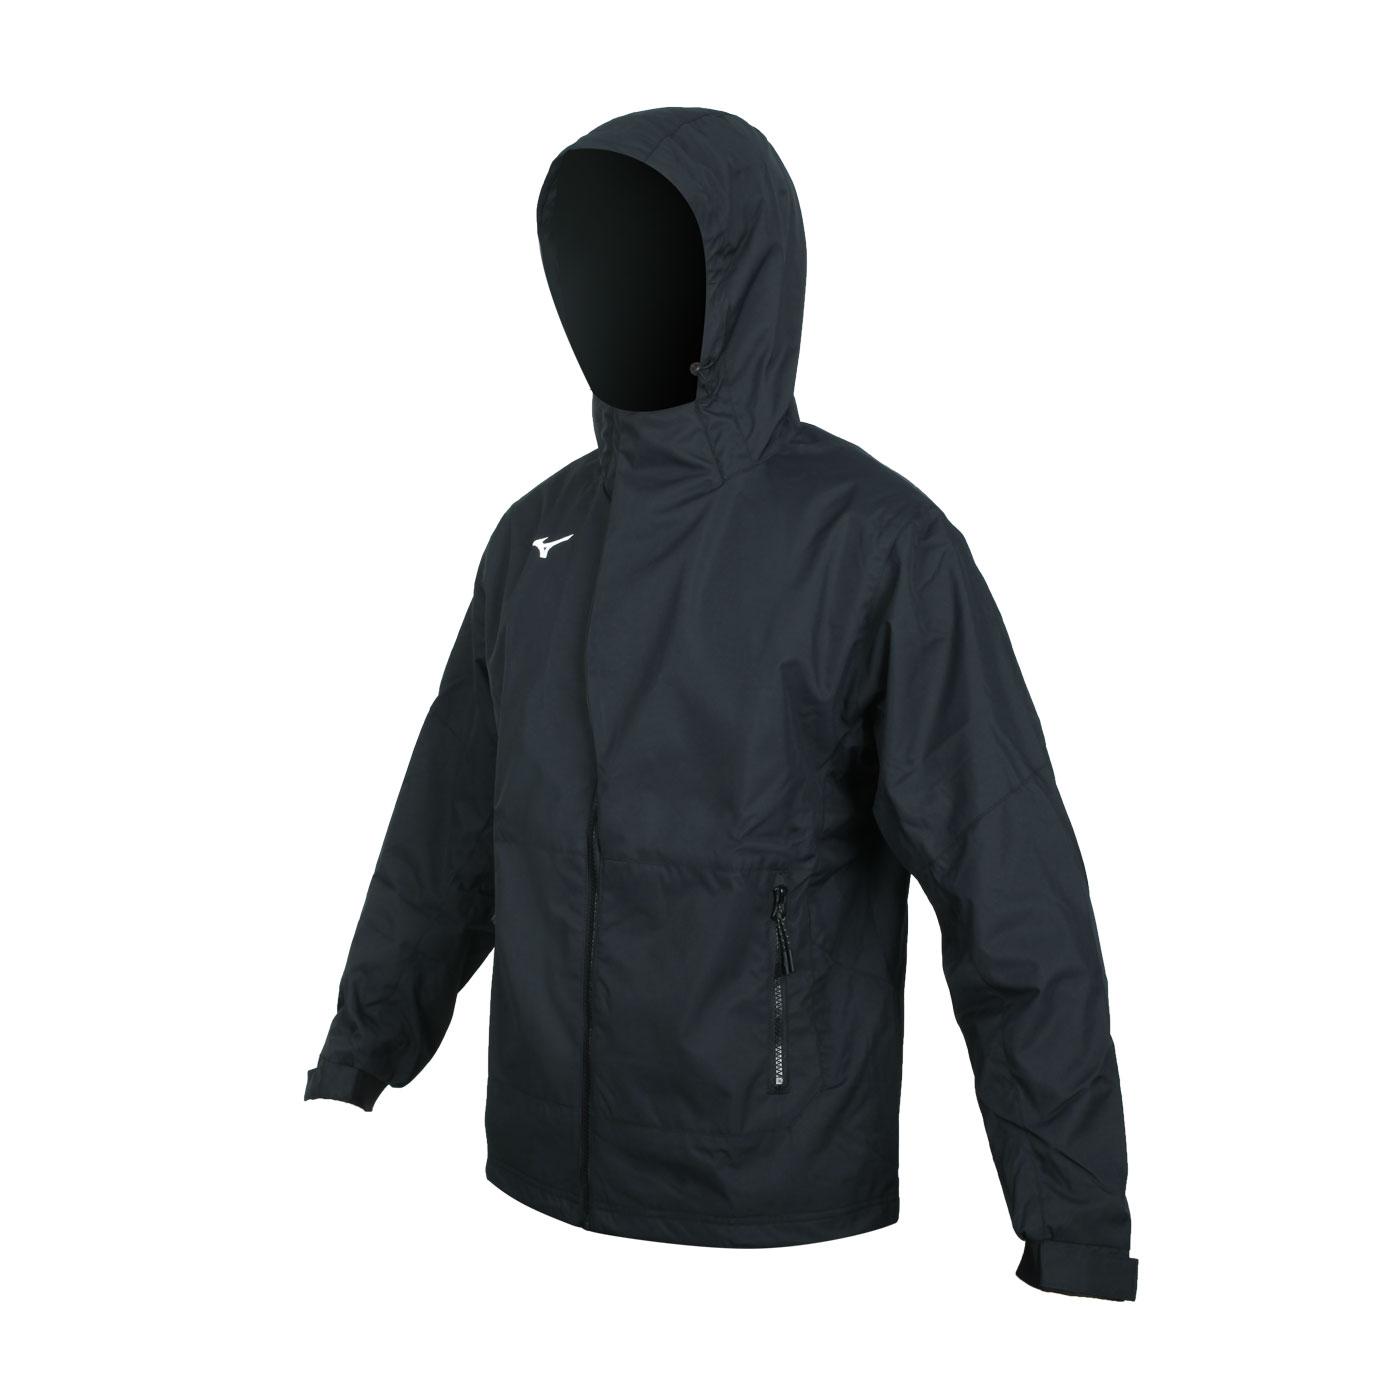 MIZUNO 男款保暖連帽外套 32TE059309 - 黑白